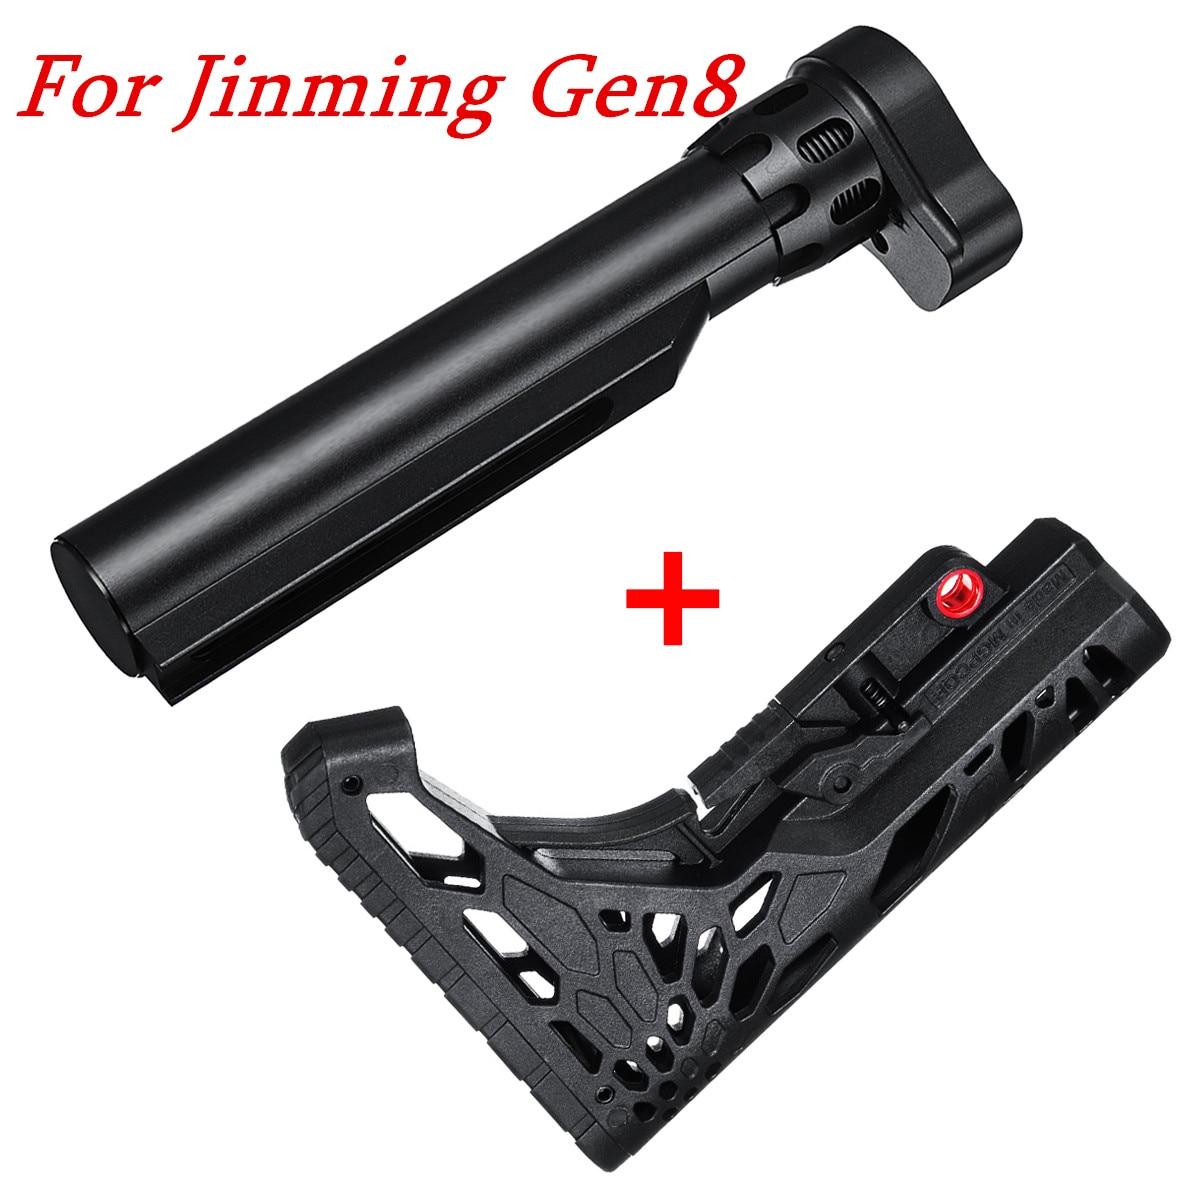 Atualização De Metal Tubo de Buffer + Pro Nylon Kit Estoque para M4A1 Gen8  Gel Blasters Pistolas de Brinquedo c